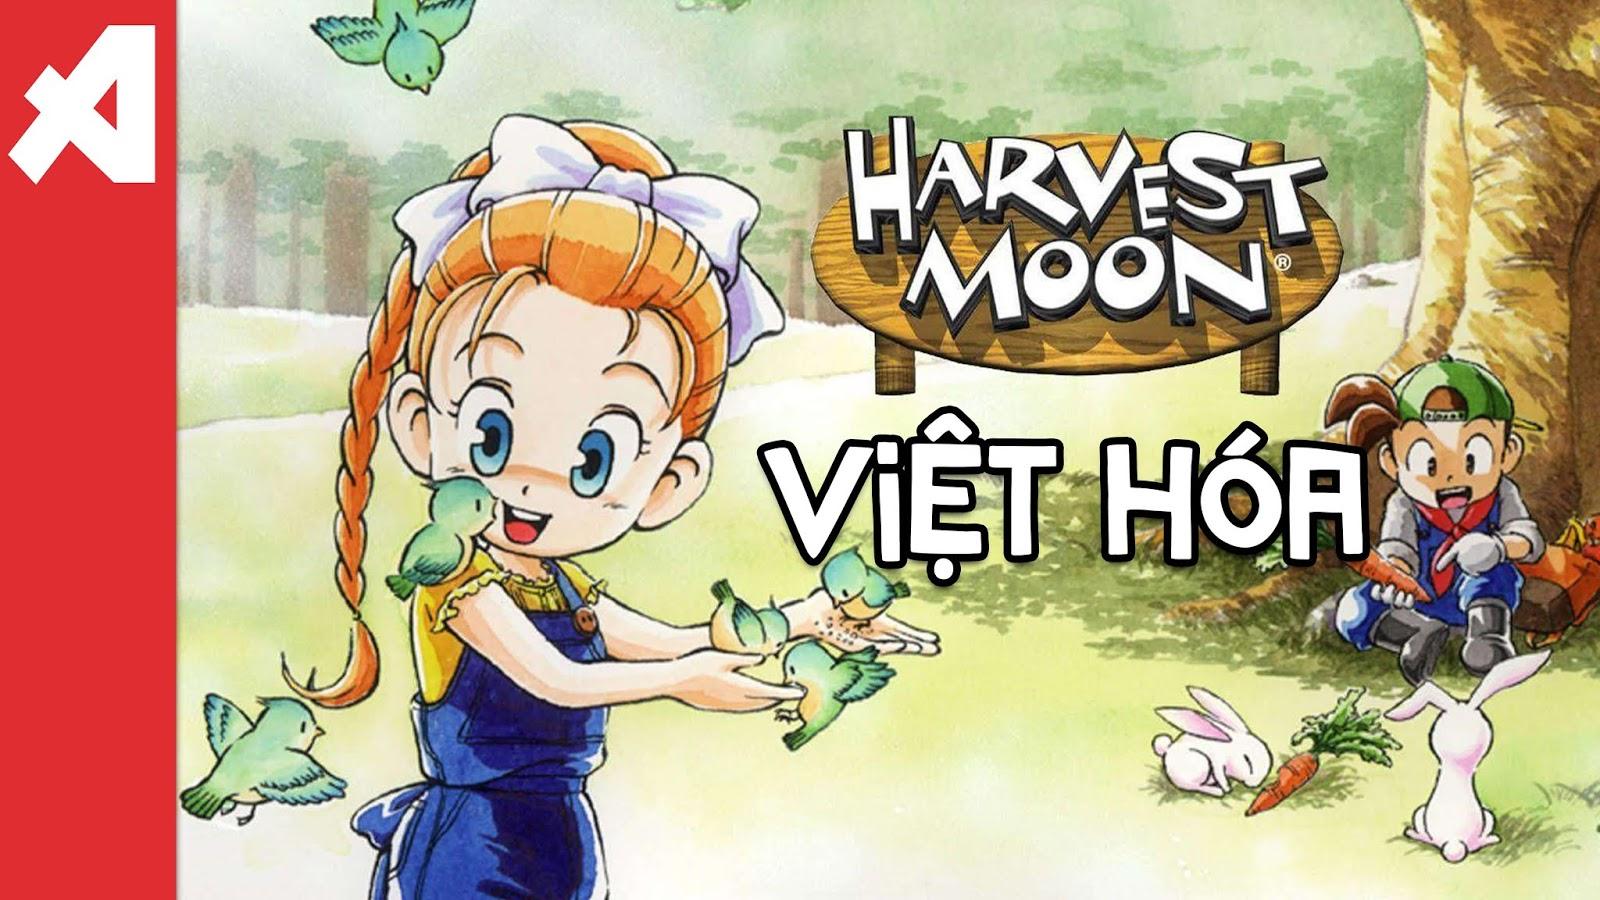 game harvest moon viet hoa ps1 back to nature aowvn - [PS1] Game Harvest Moon : Back To Nature Việt Hóa | Giả lập Android & PC - tiếp tục làm nông nào